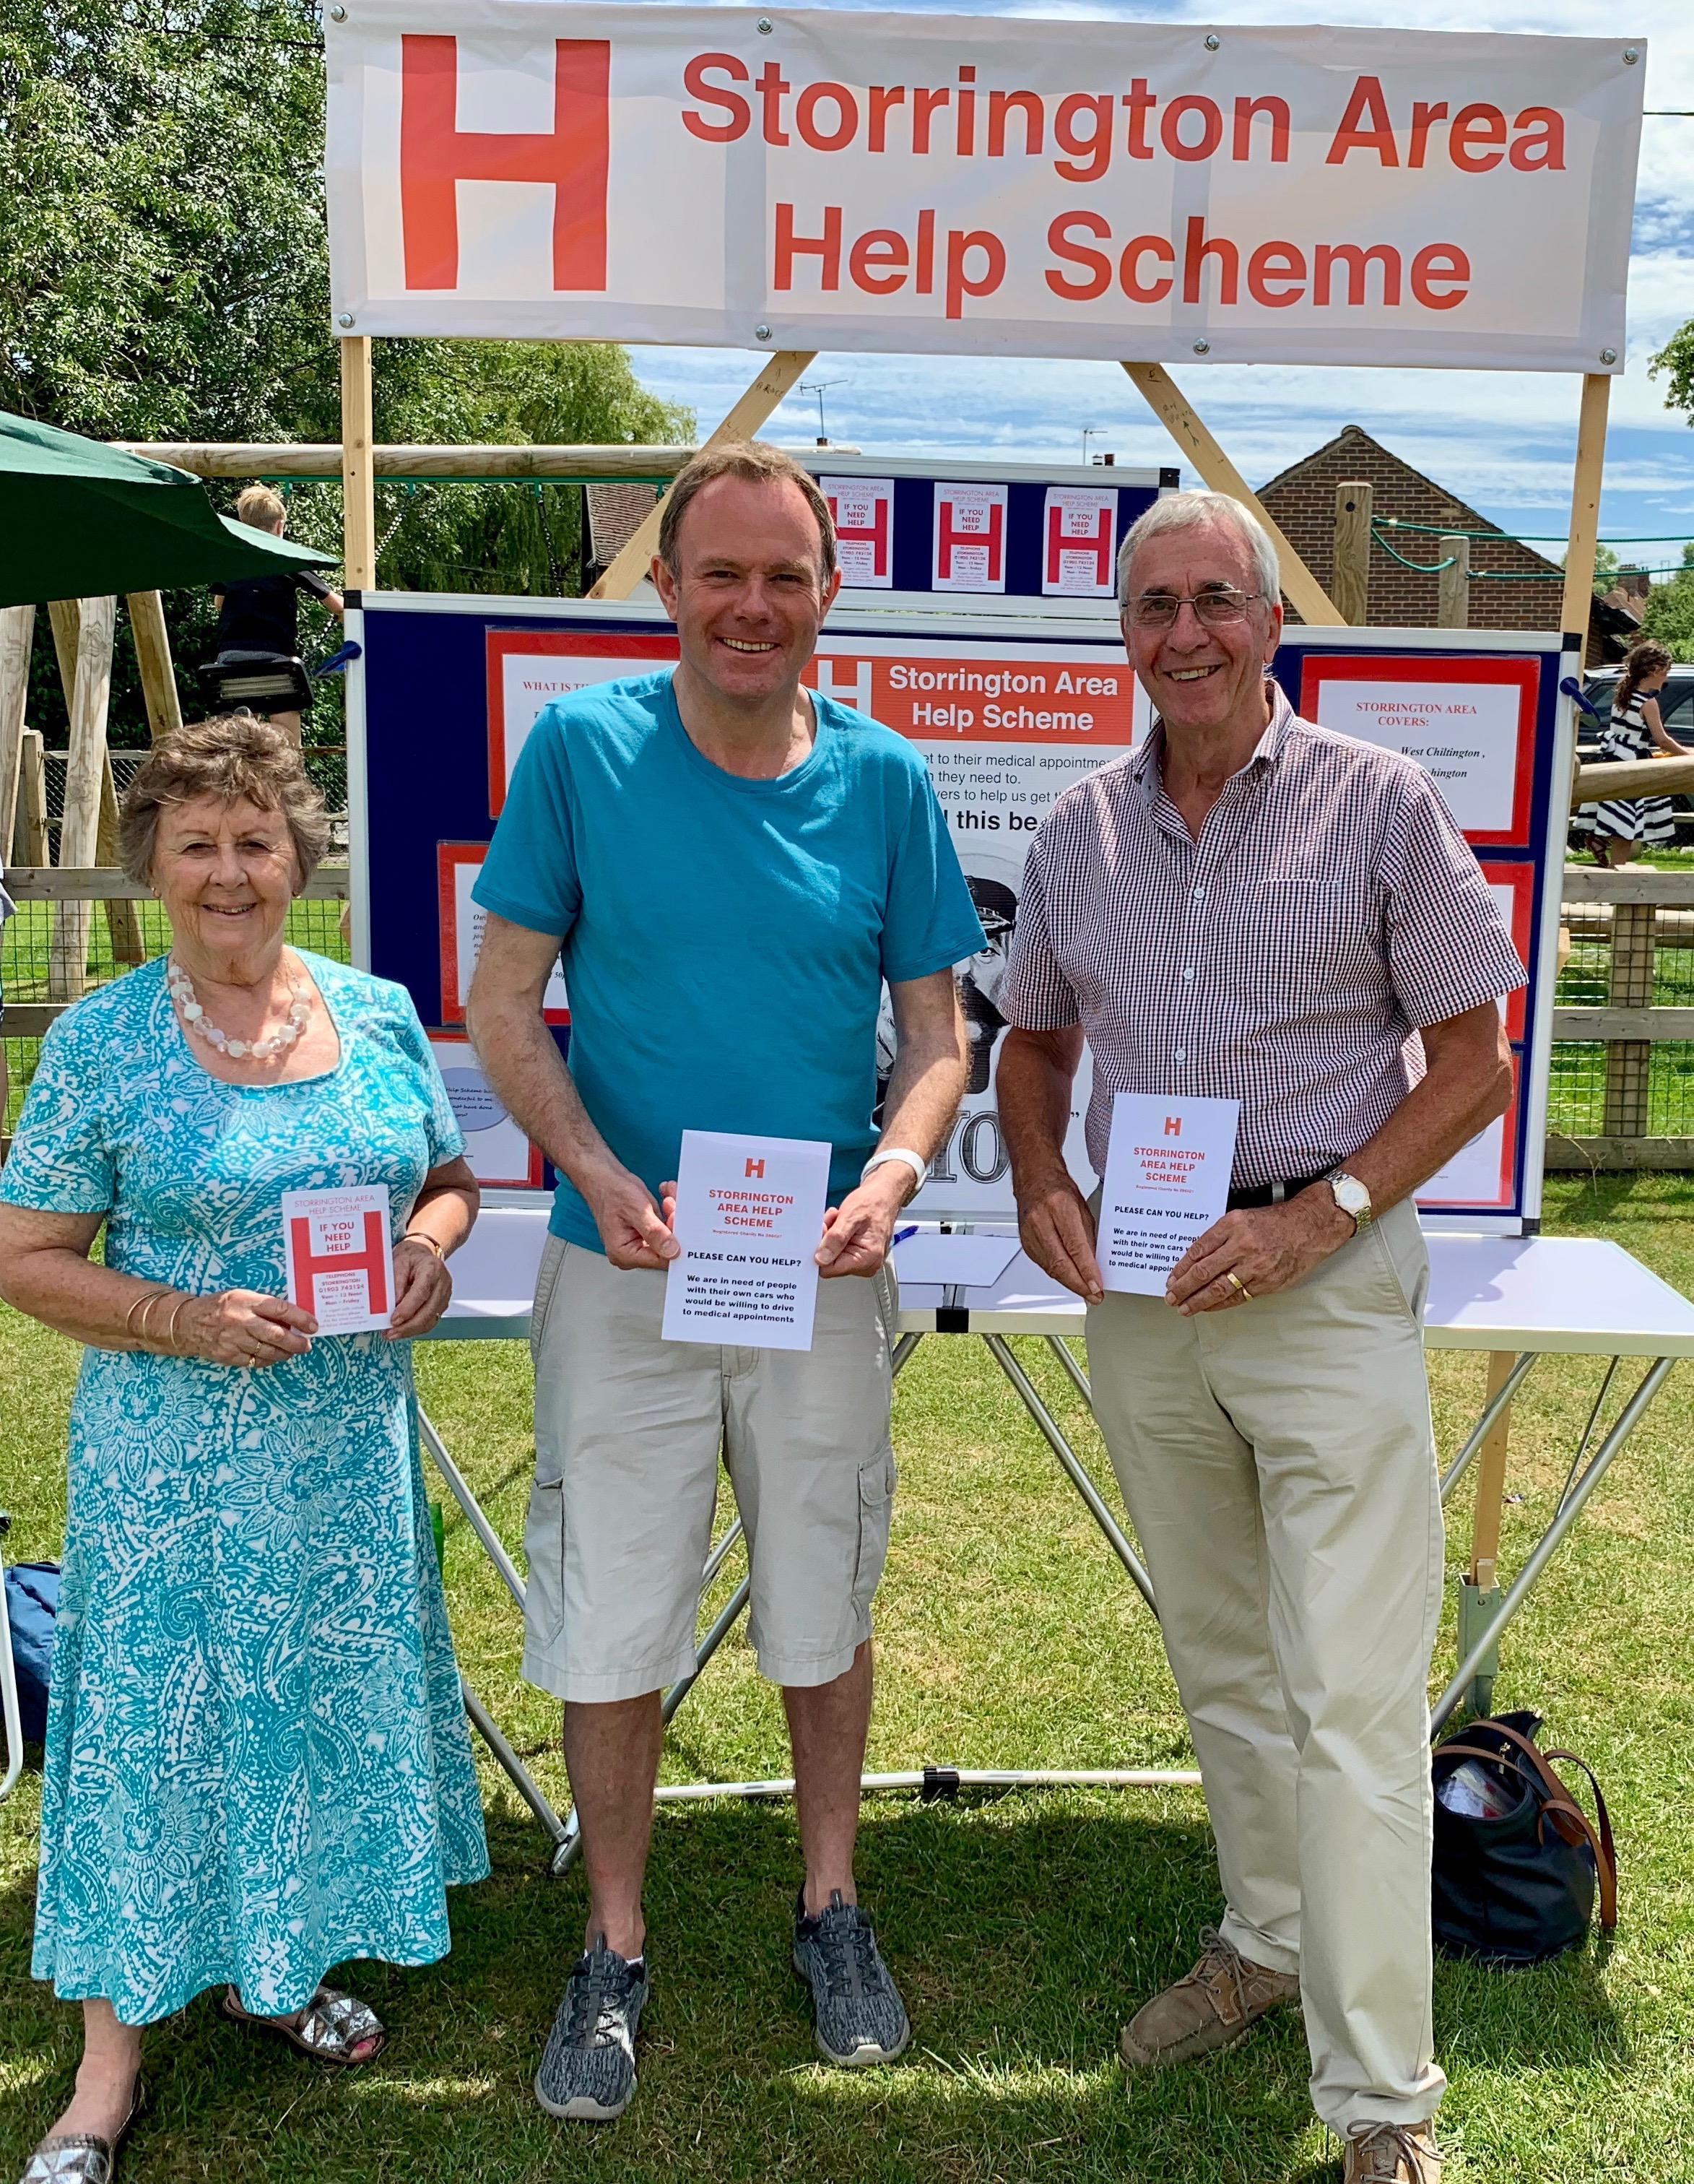 190809 NH with Storrington Area Help Scheme volunteers .jpeg